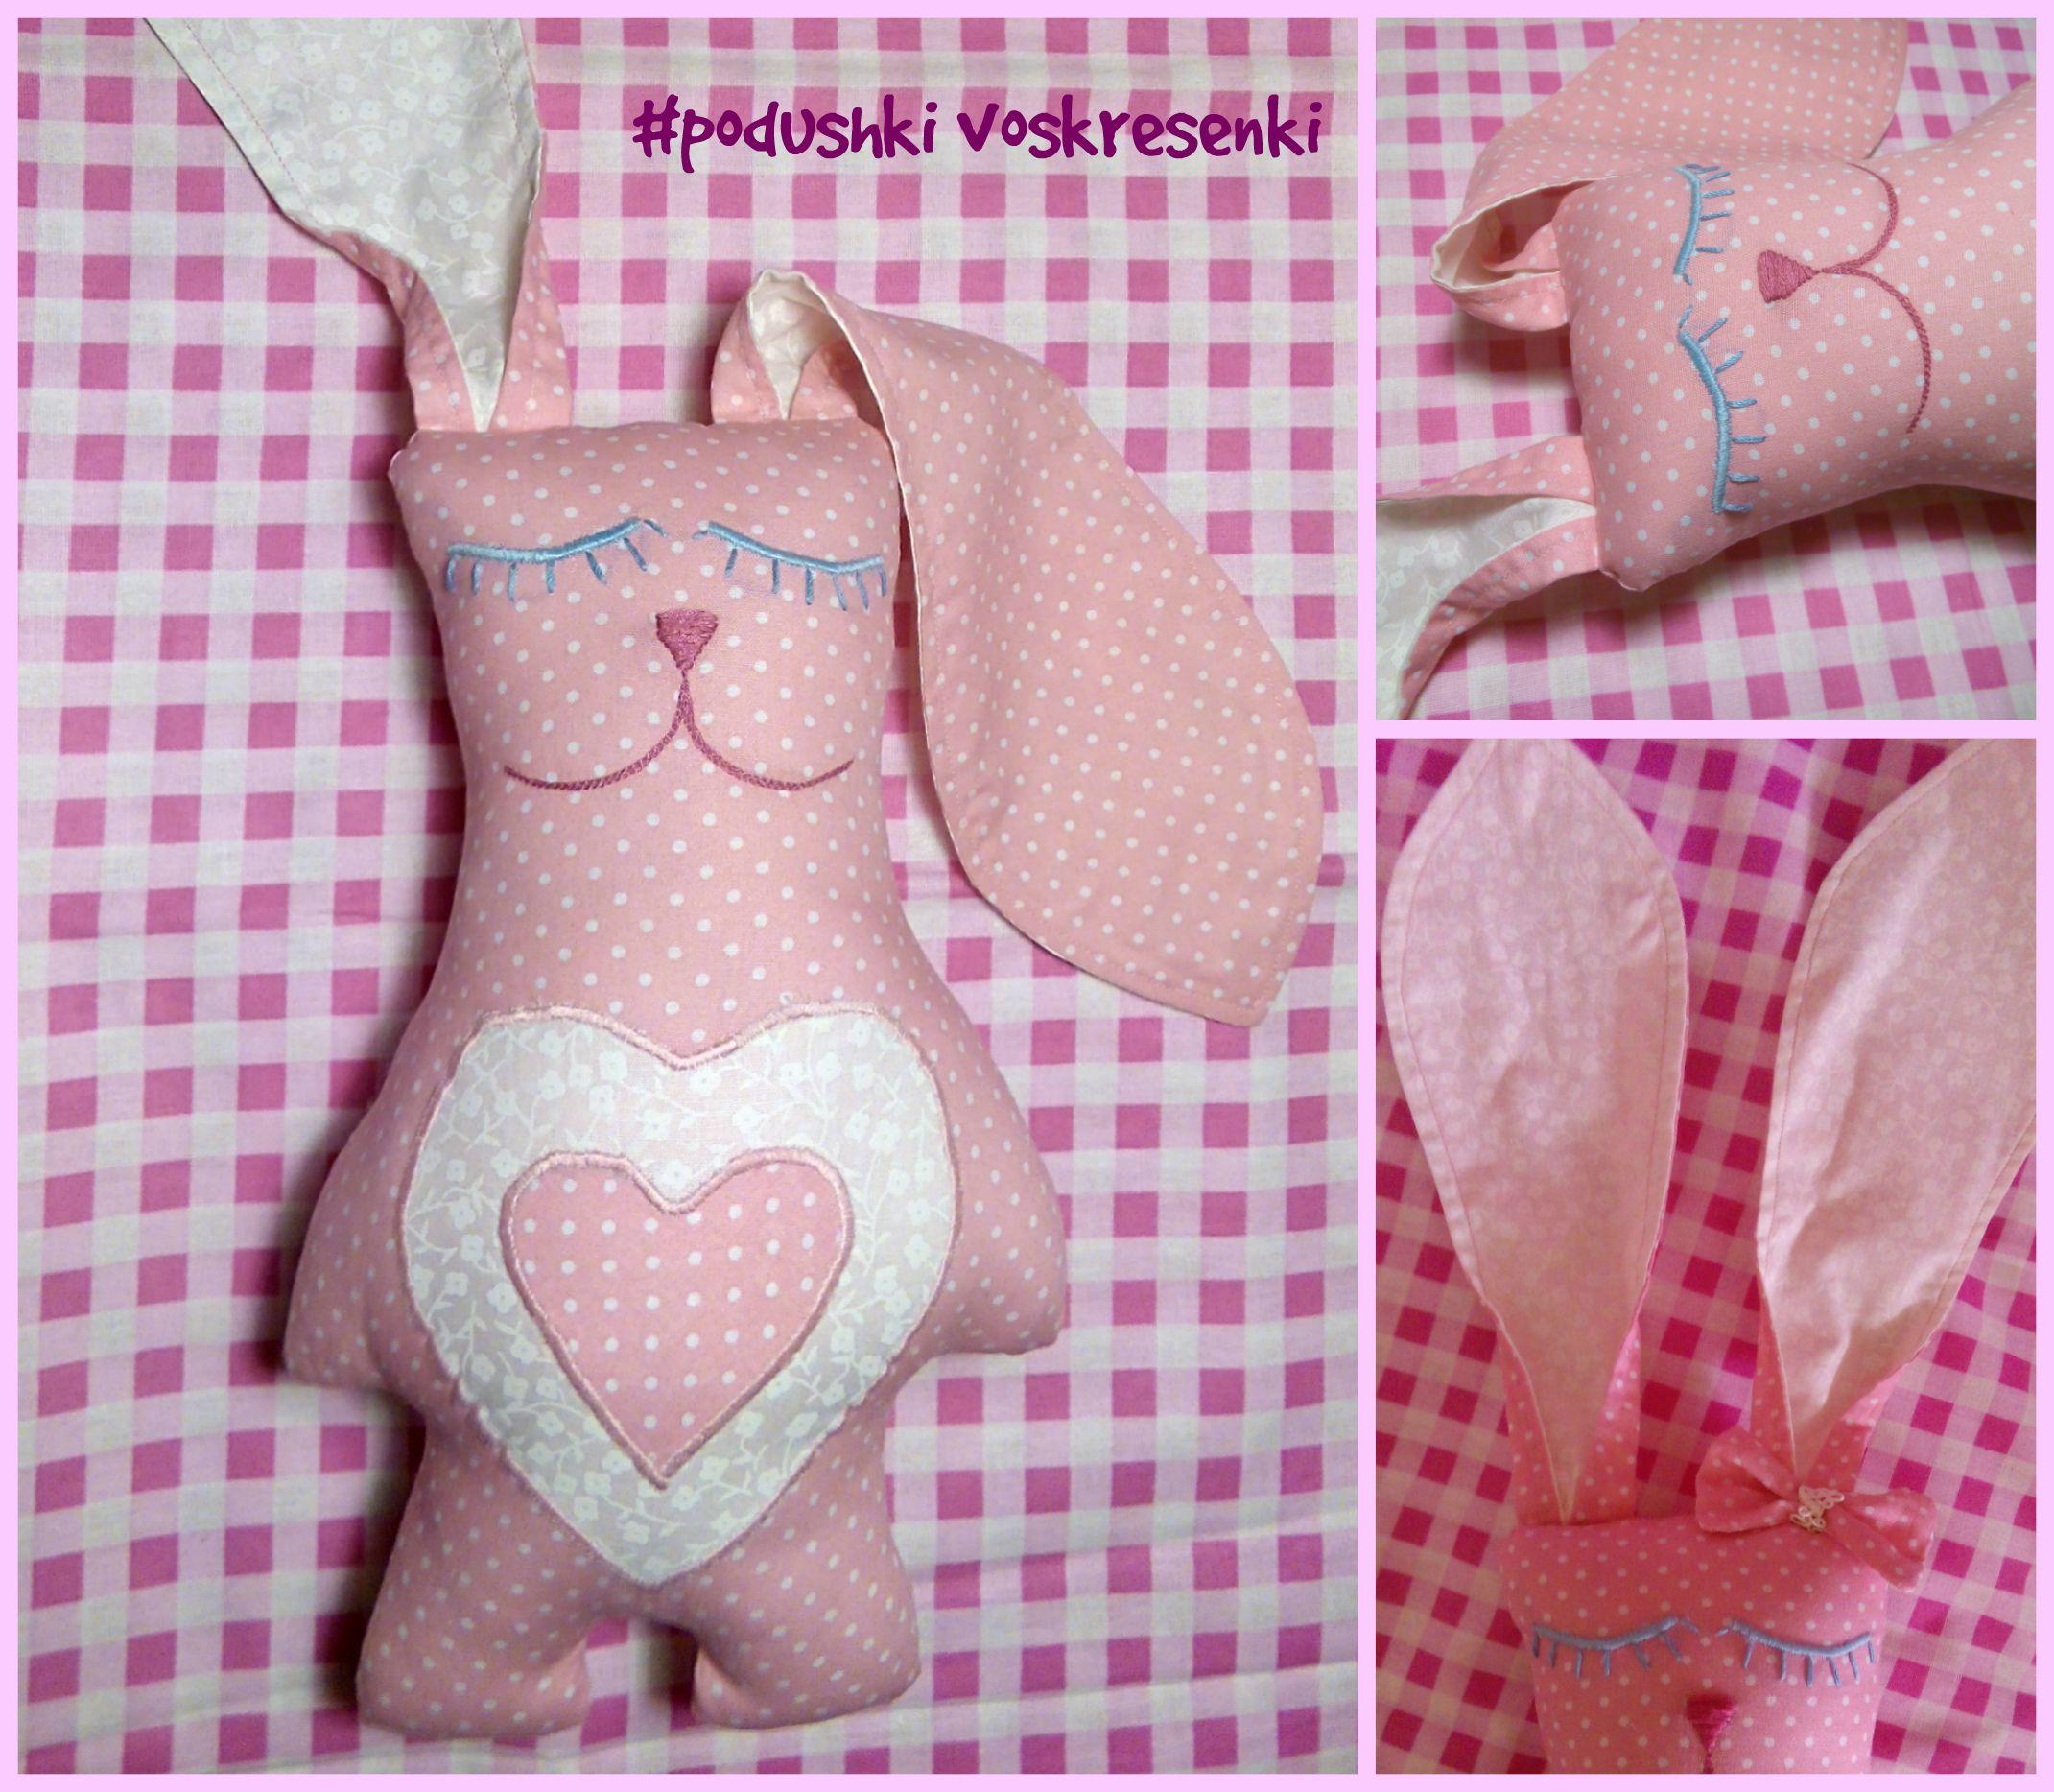 хлопок рождение сплюшка рождения день авторская др февраля 14 игрушка подарок